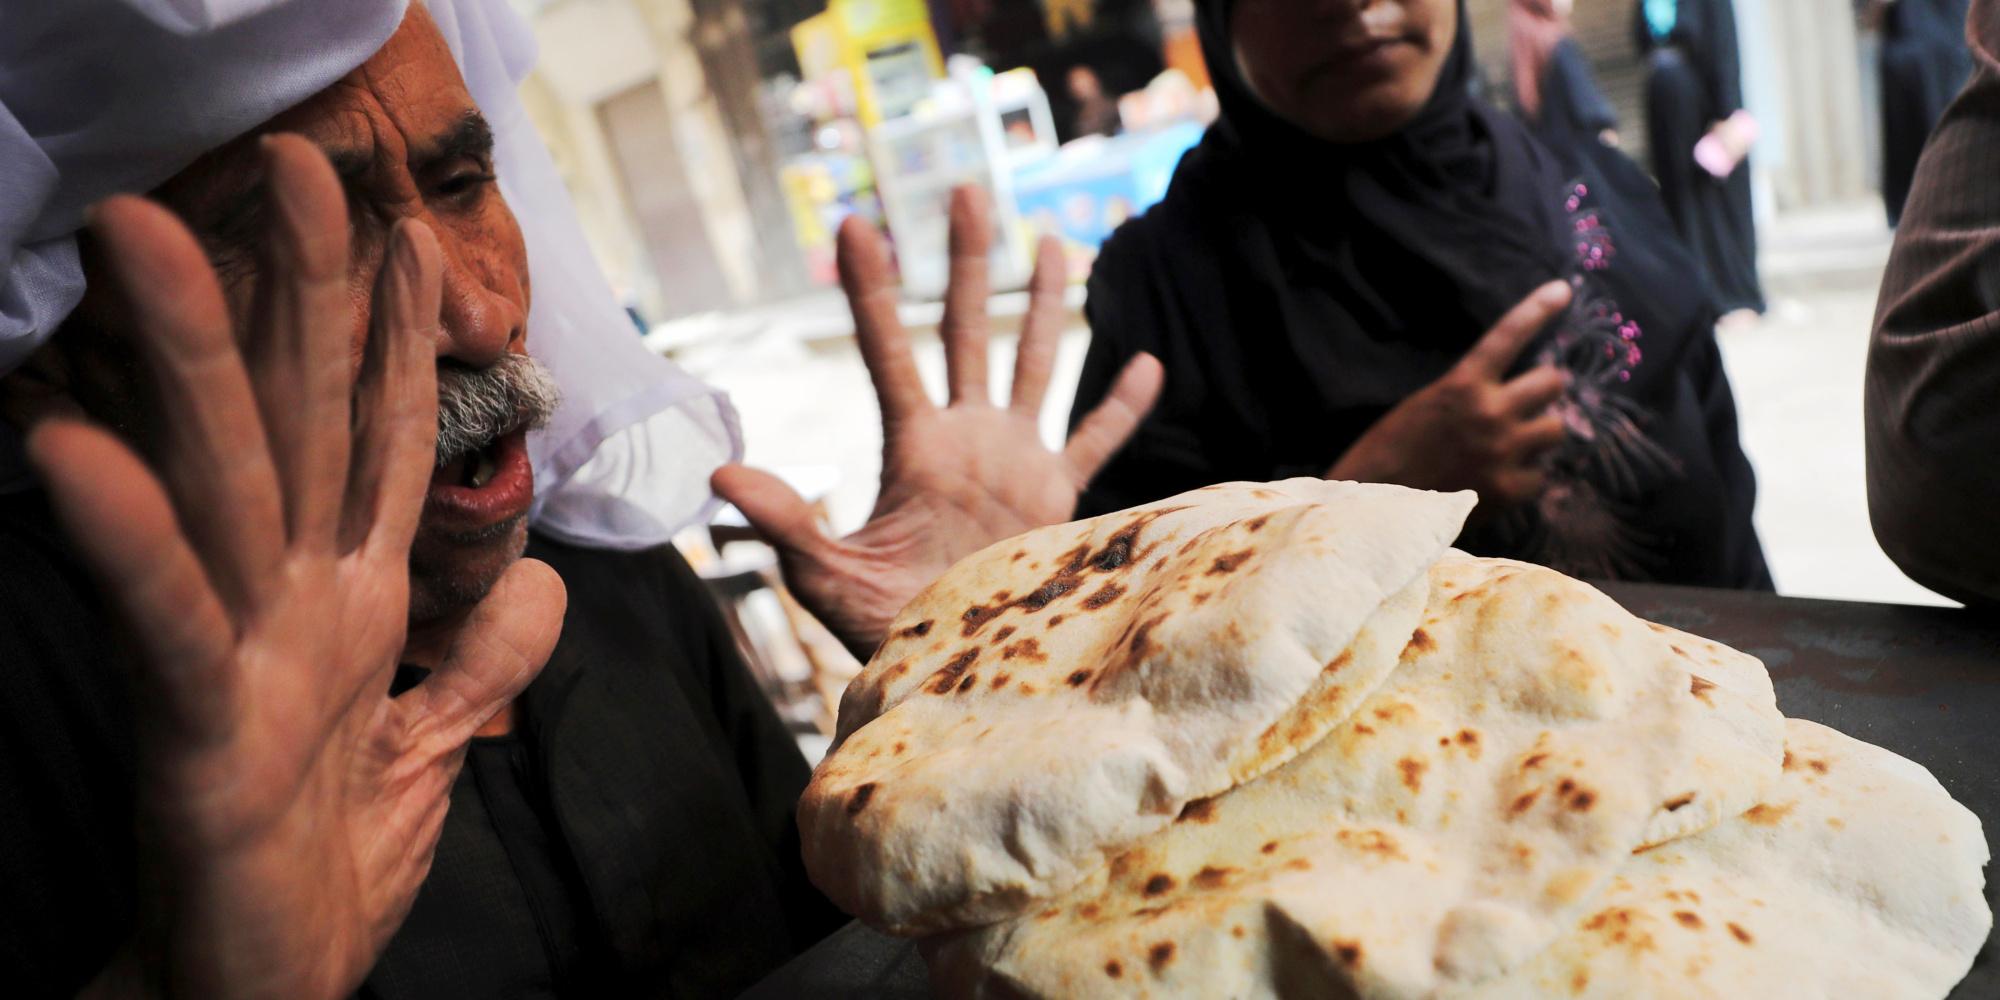 مصر تعلن هبوط معدل التضخُّم.. ومواطنون: الأسعار مستمرة في الارتفاع ولن تنخفض